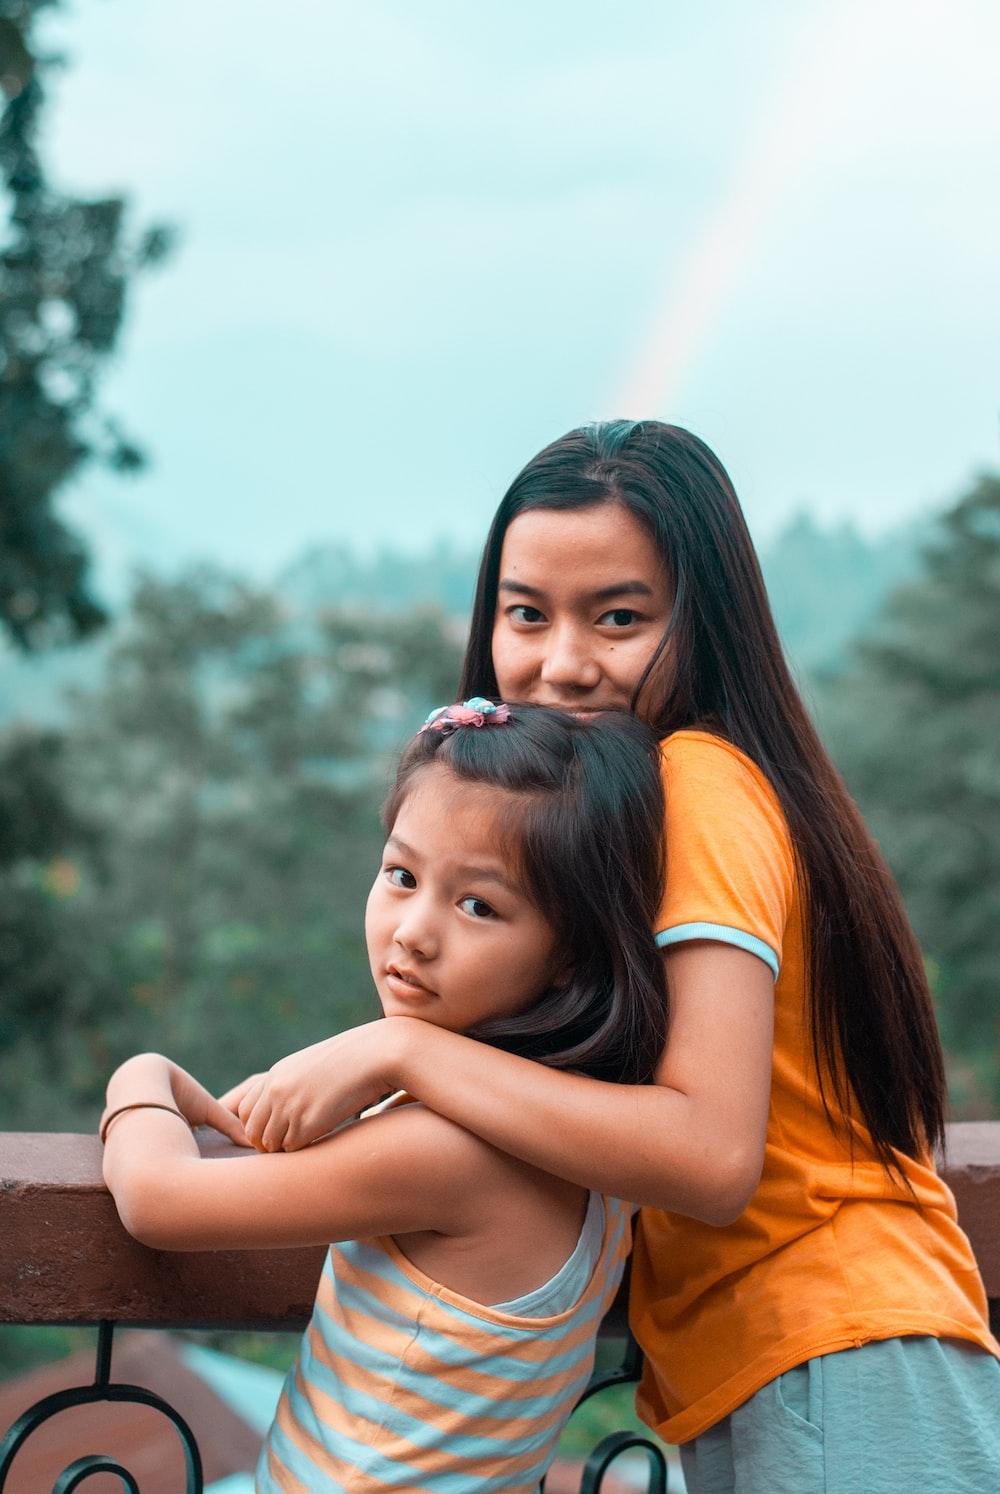 girl in orange tank top